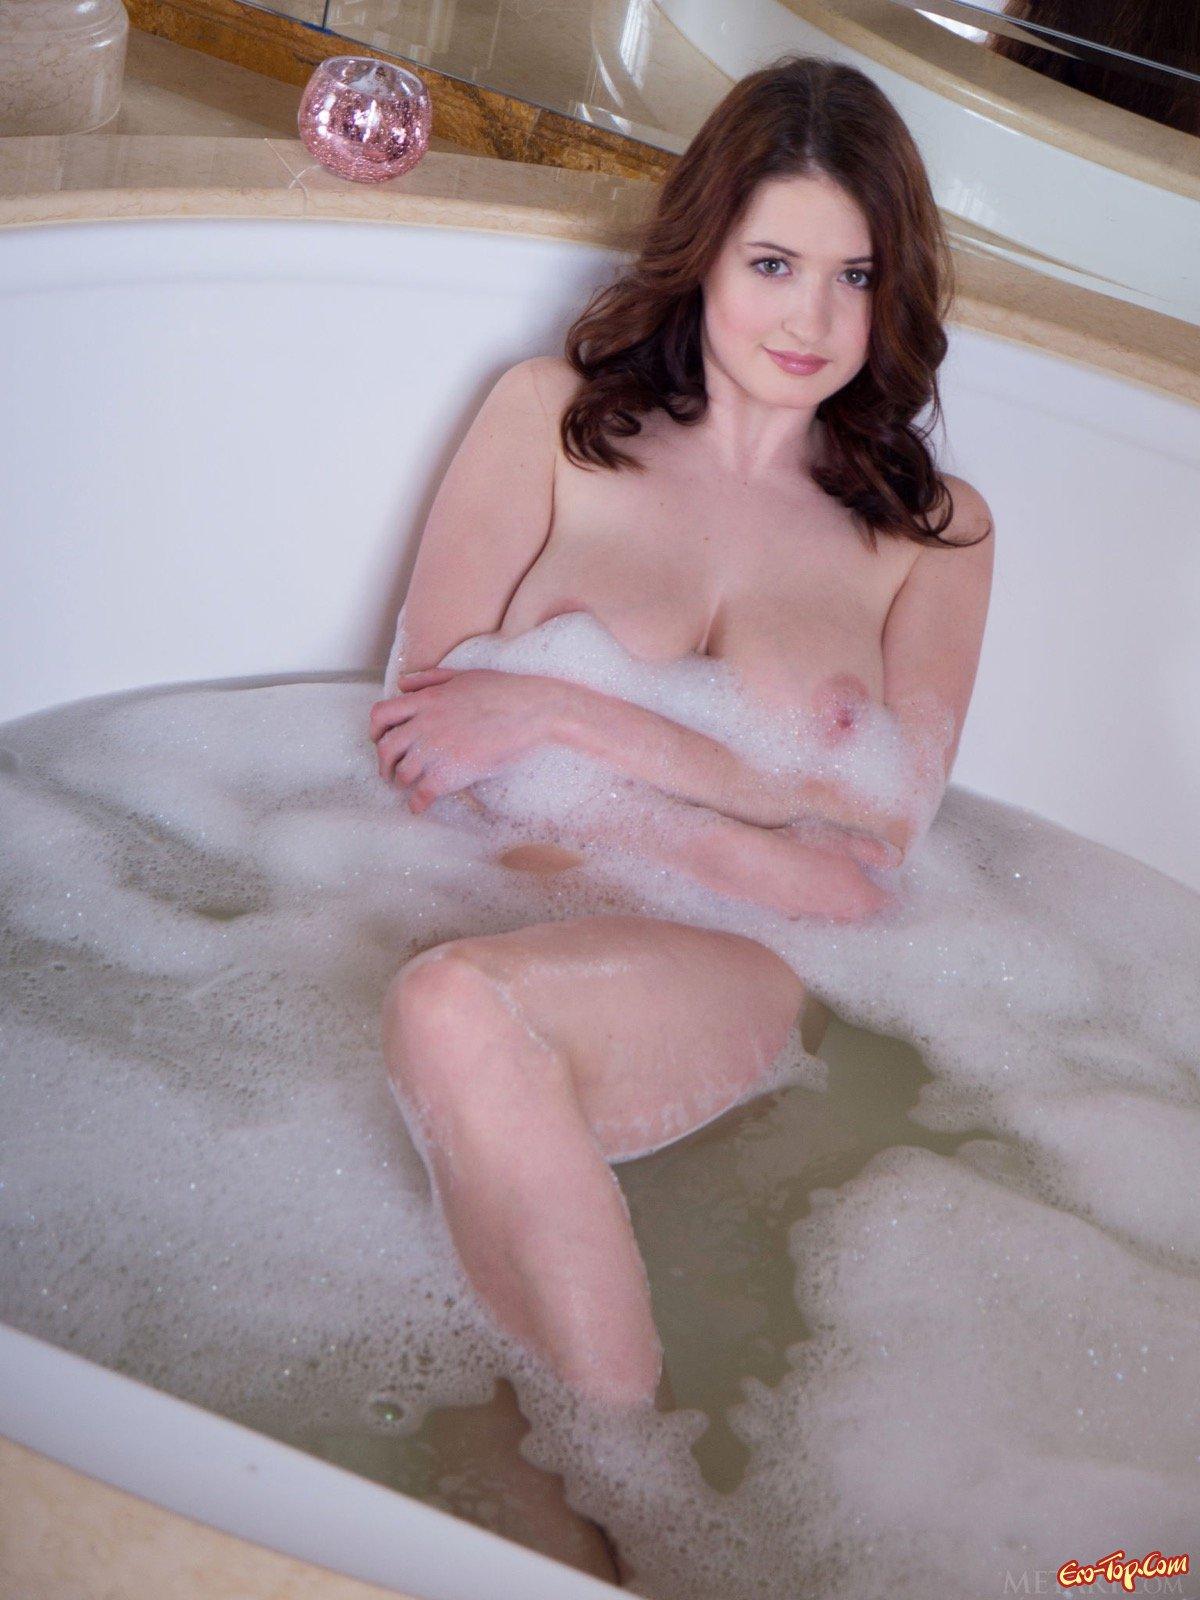 Мокрая девушка с громадной грудью фоткается под струями душа смотреть эротику